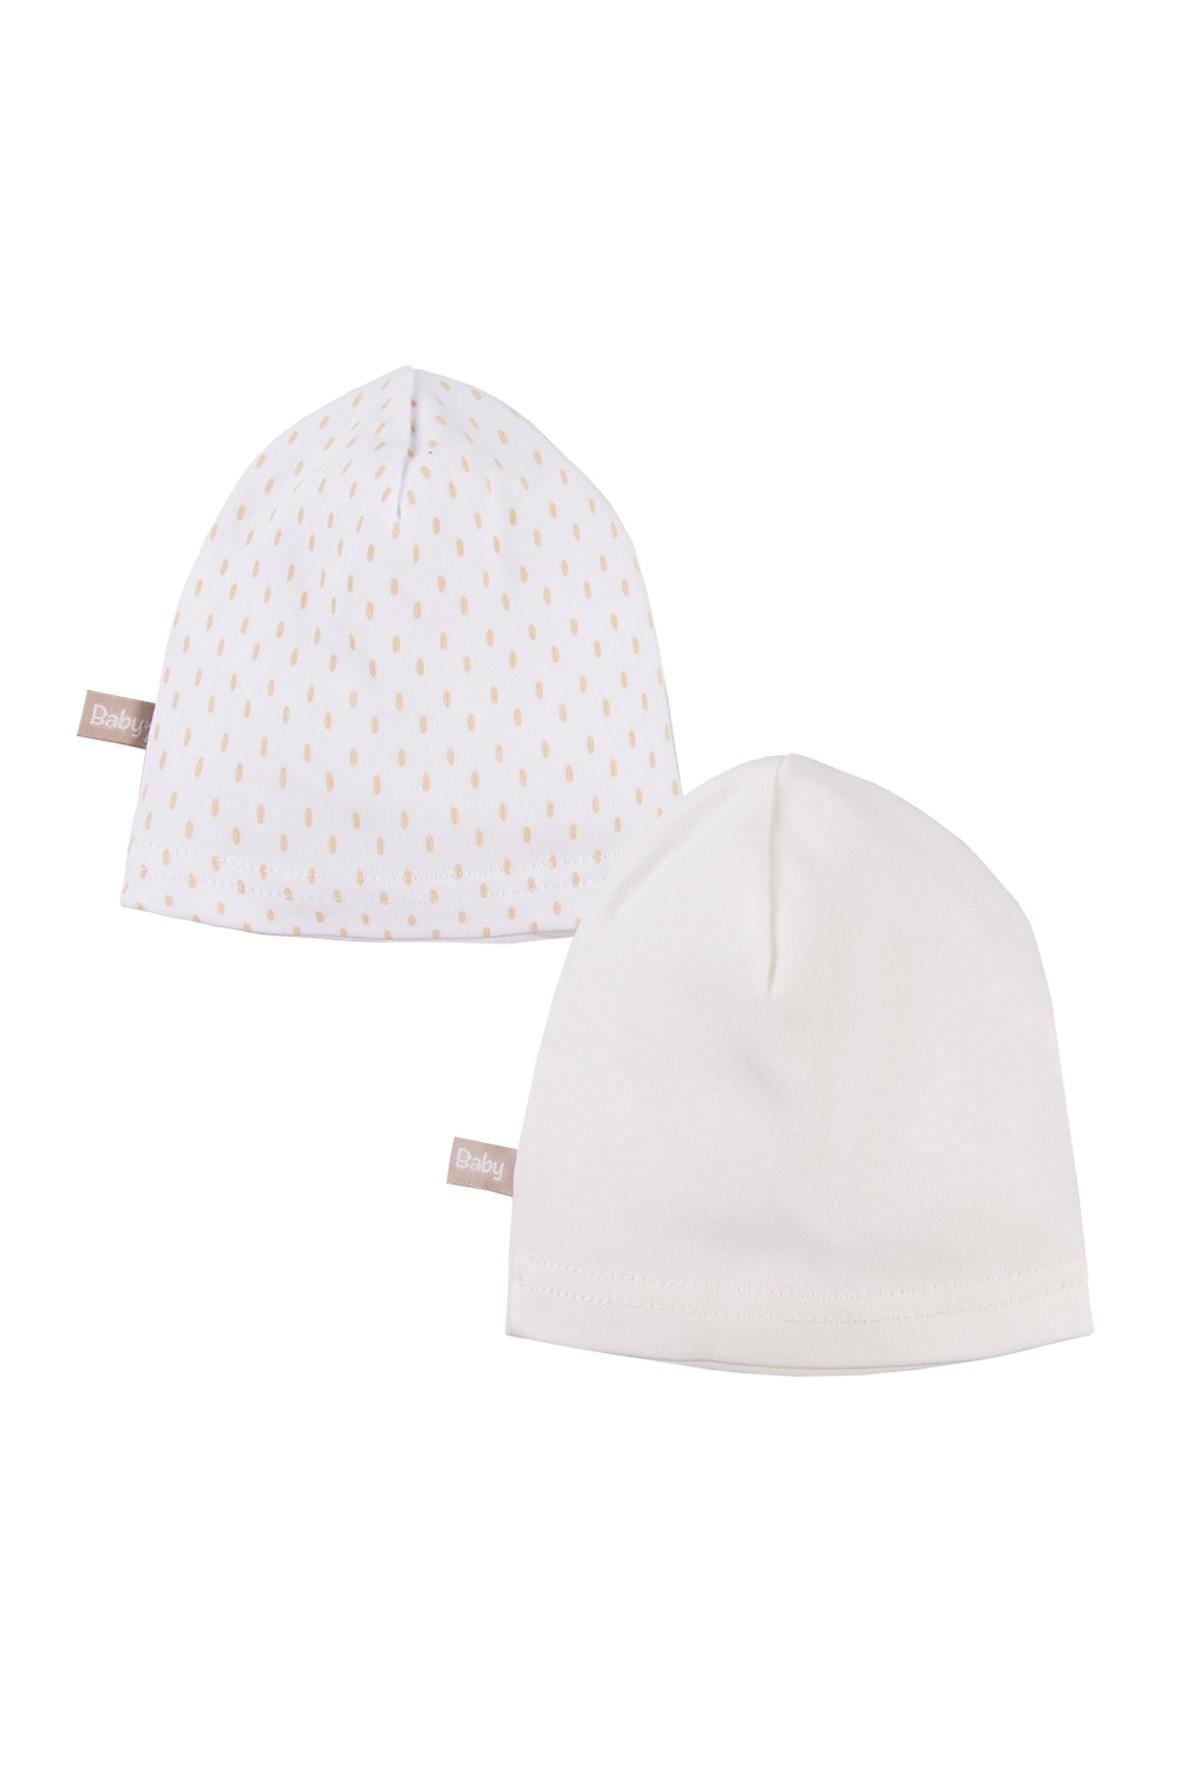 Bawełniane czapki niemowlęce 2pak - ecru